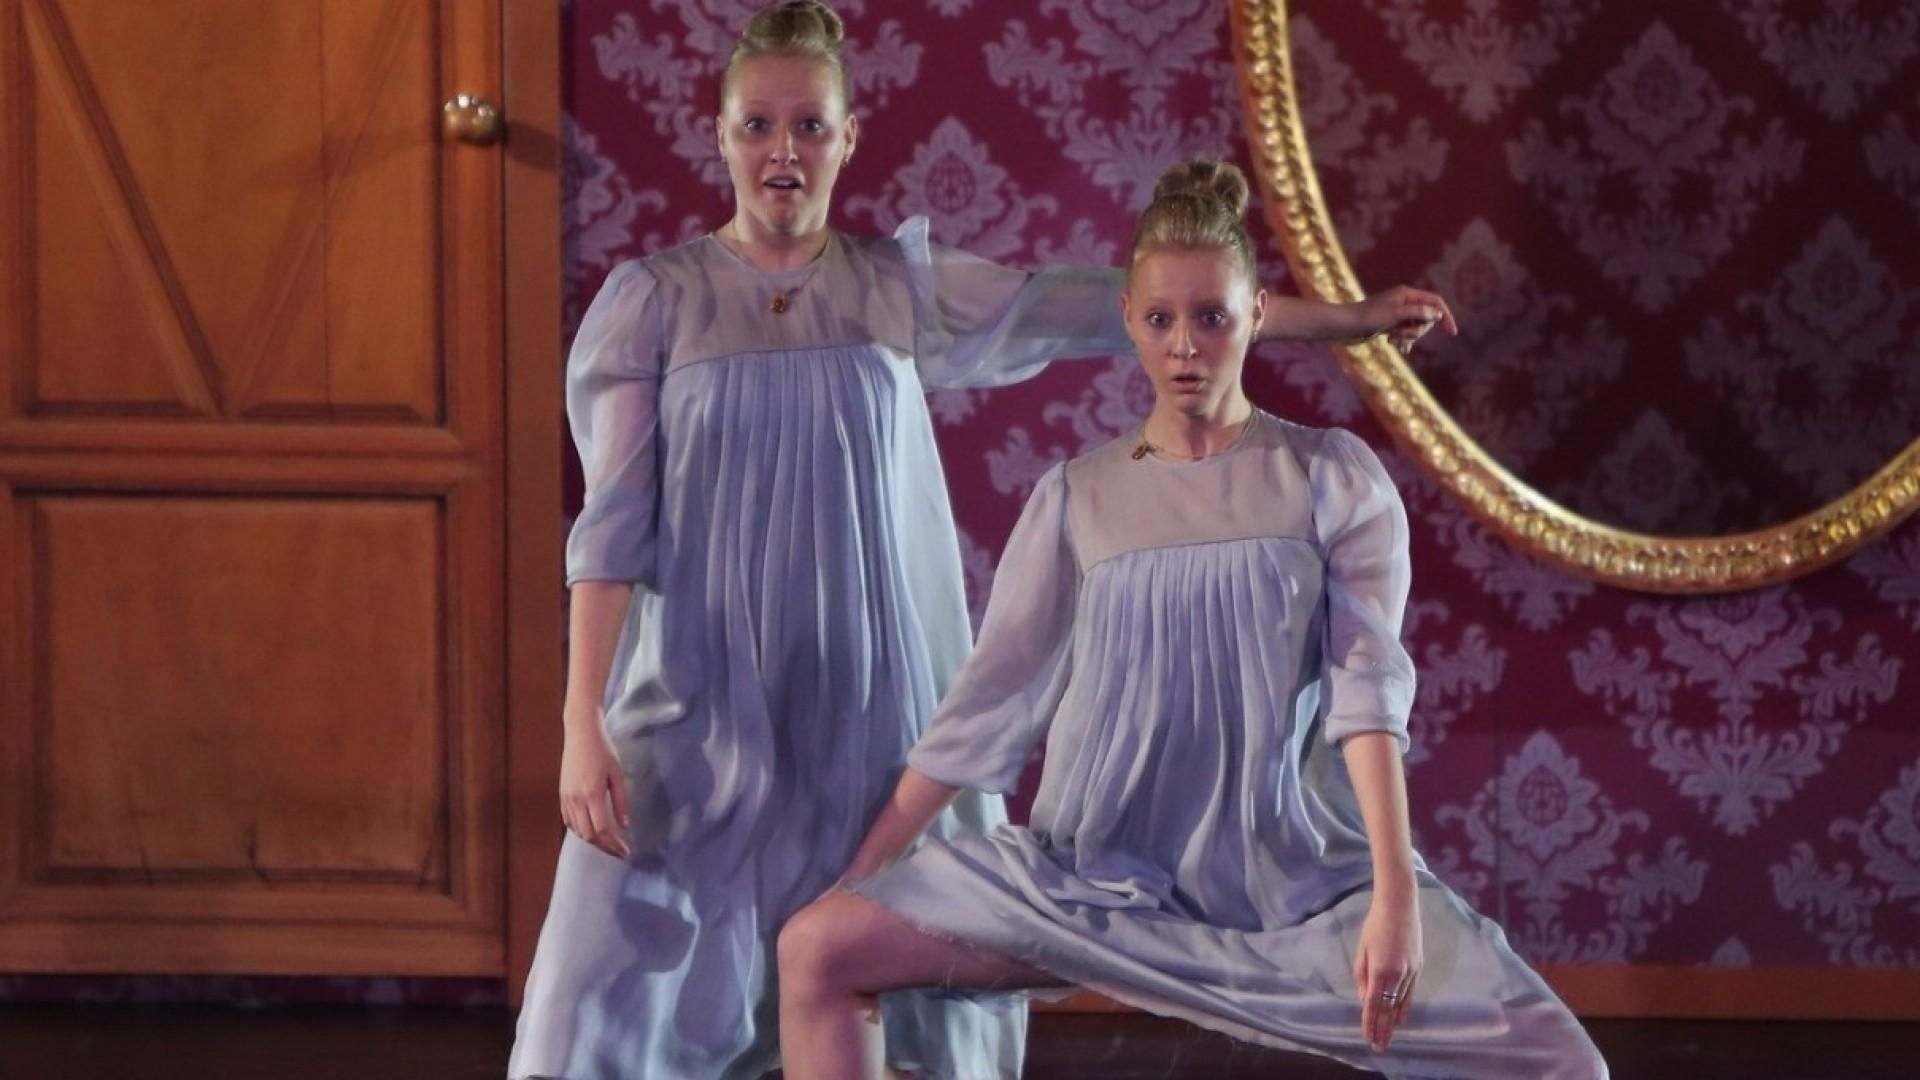 Сёстры Михайлец: «Авторские права на свои исполнения мы не подписывали — берите, танцуйте!»